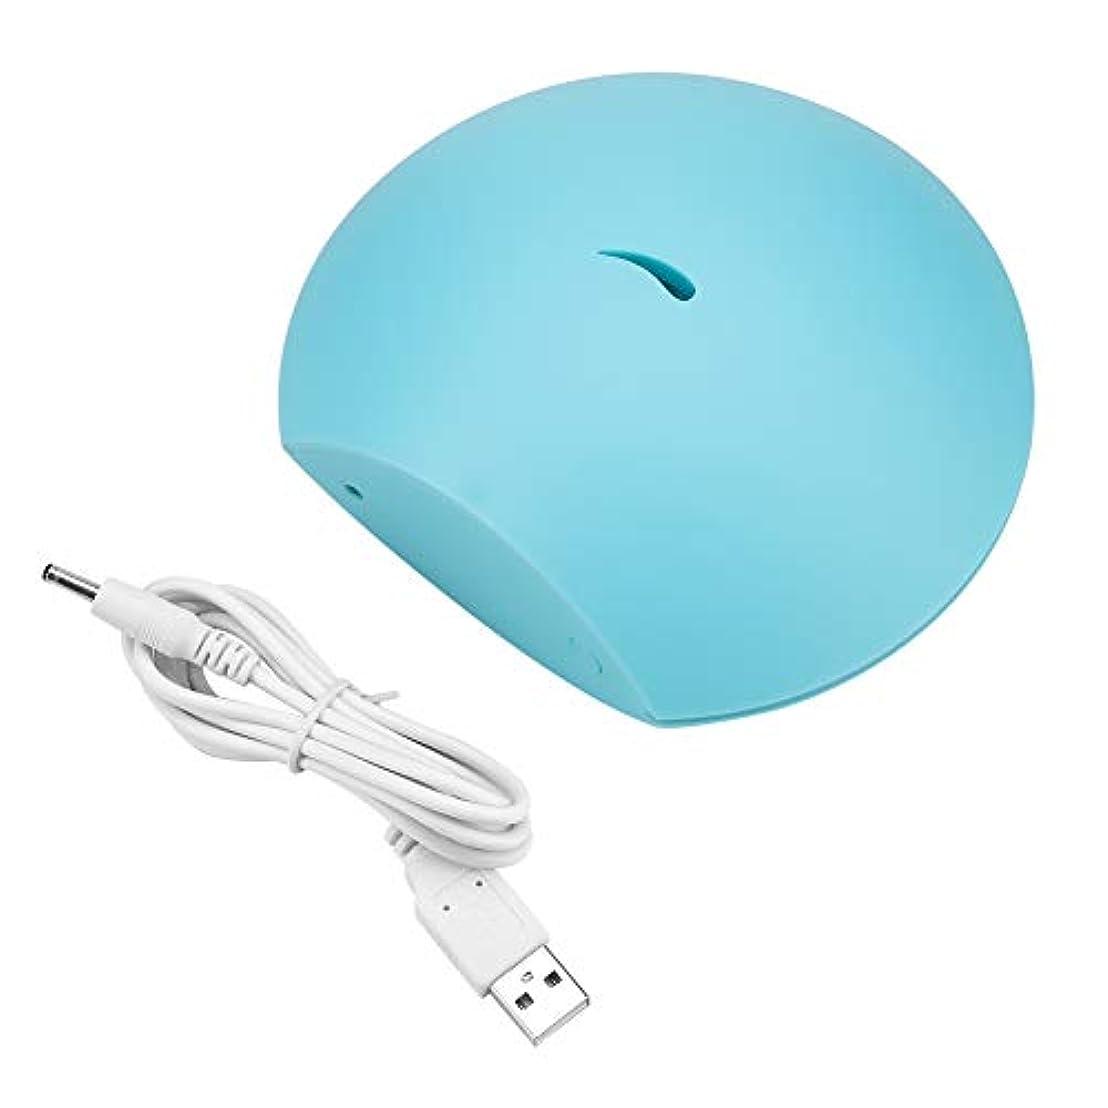 促すエコープラス超音波 アロマディフューザー usb 空気加湿器 80ml エッセンシャルオイル ディフューザー カラフル かわいい ナイトライト(ブルー)